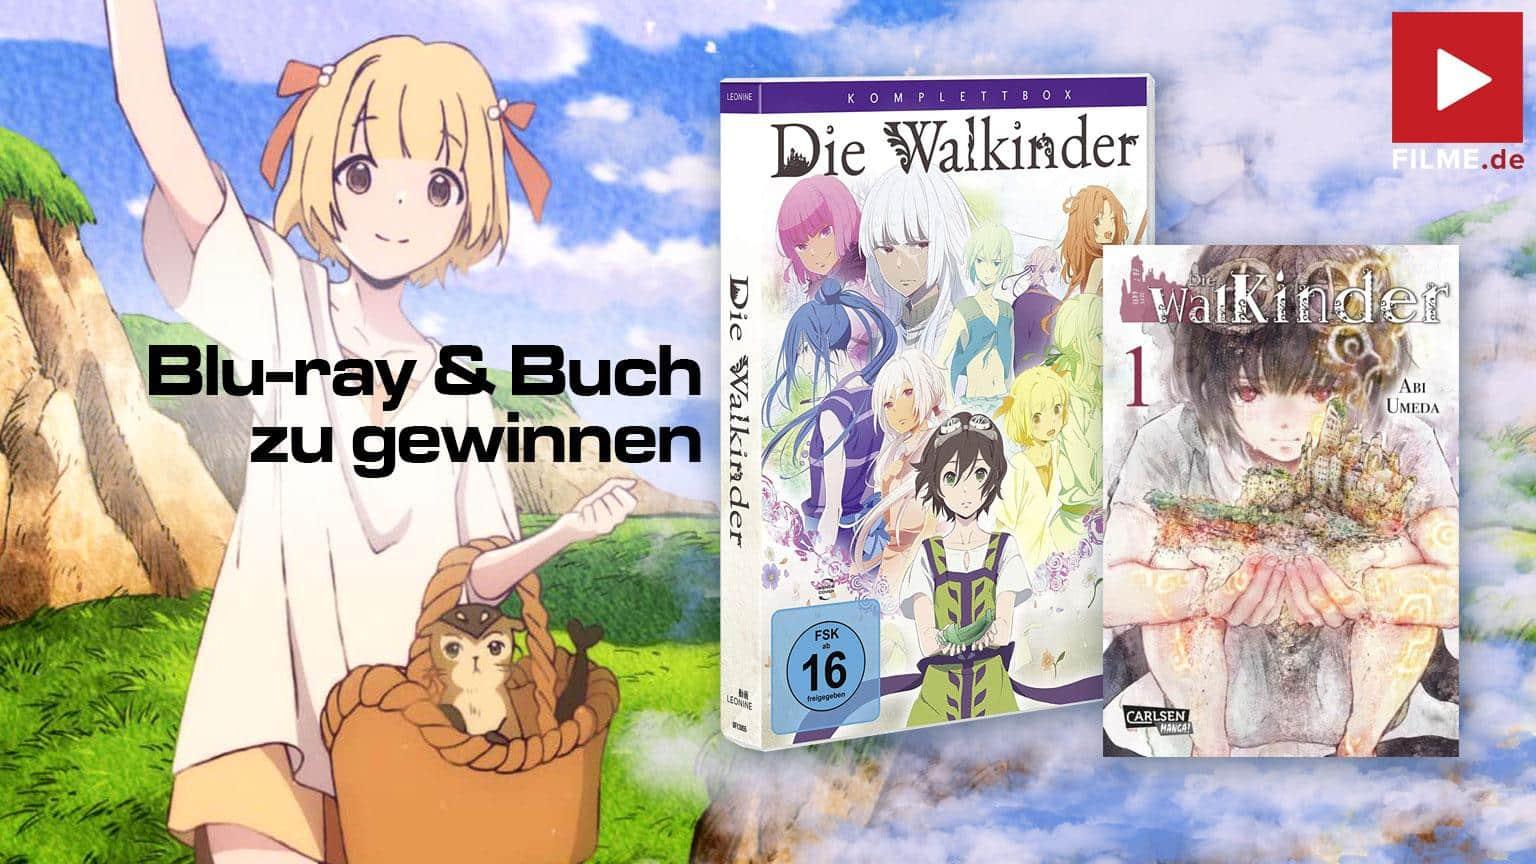 Die Walkinder Komplettbox Blu-ray Buch Gewinnspiel gewinnen Artikelbild